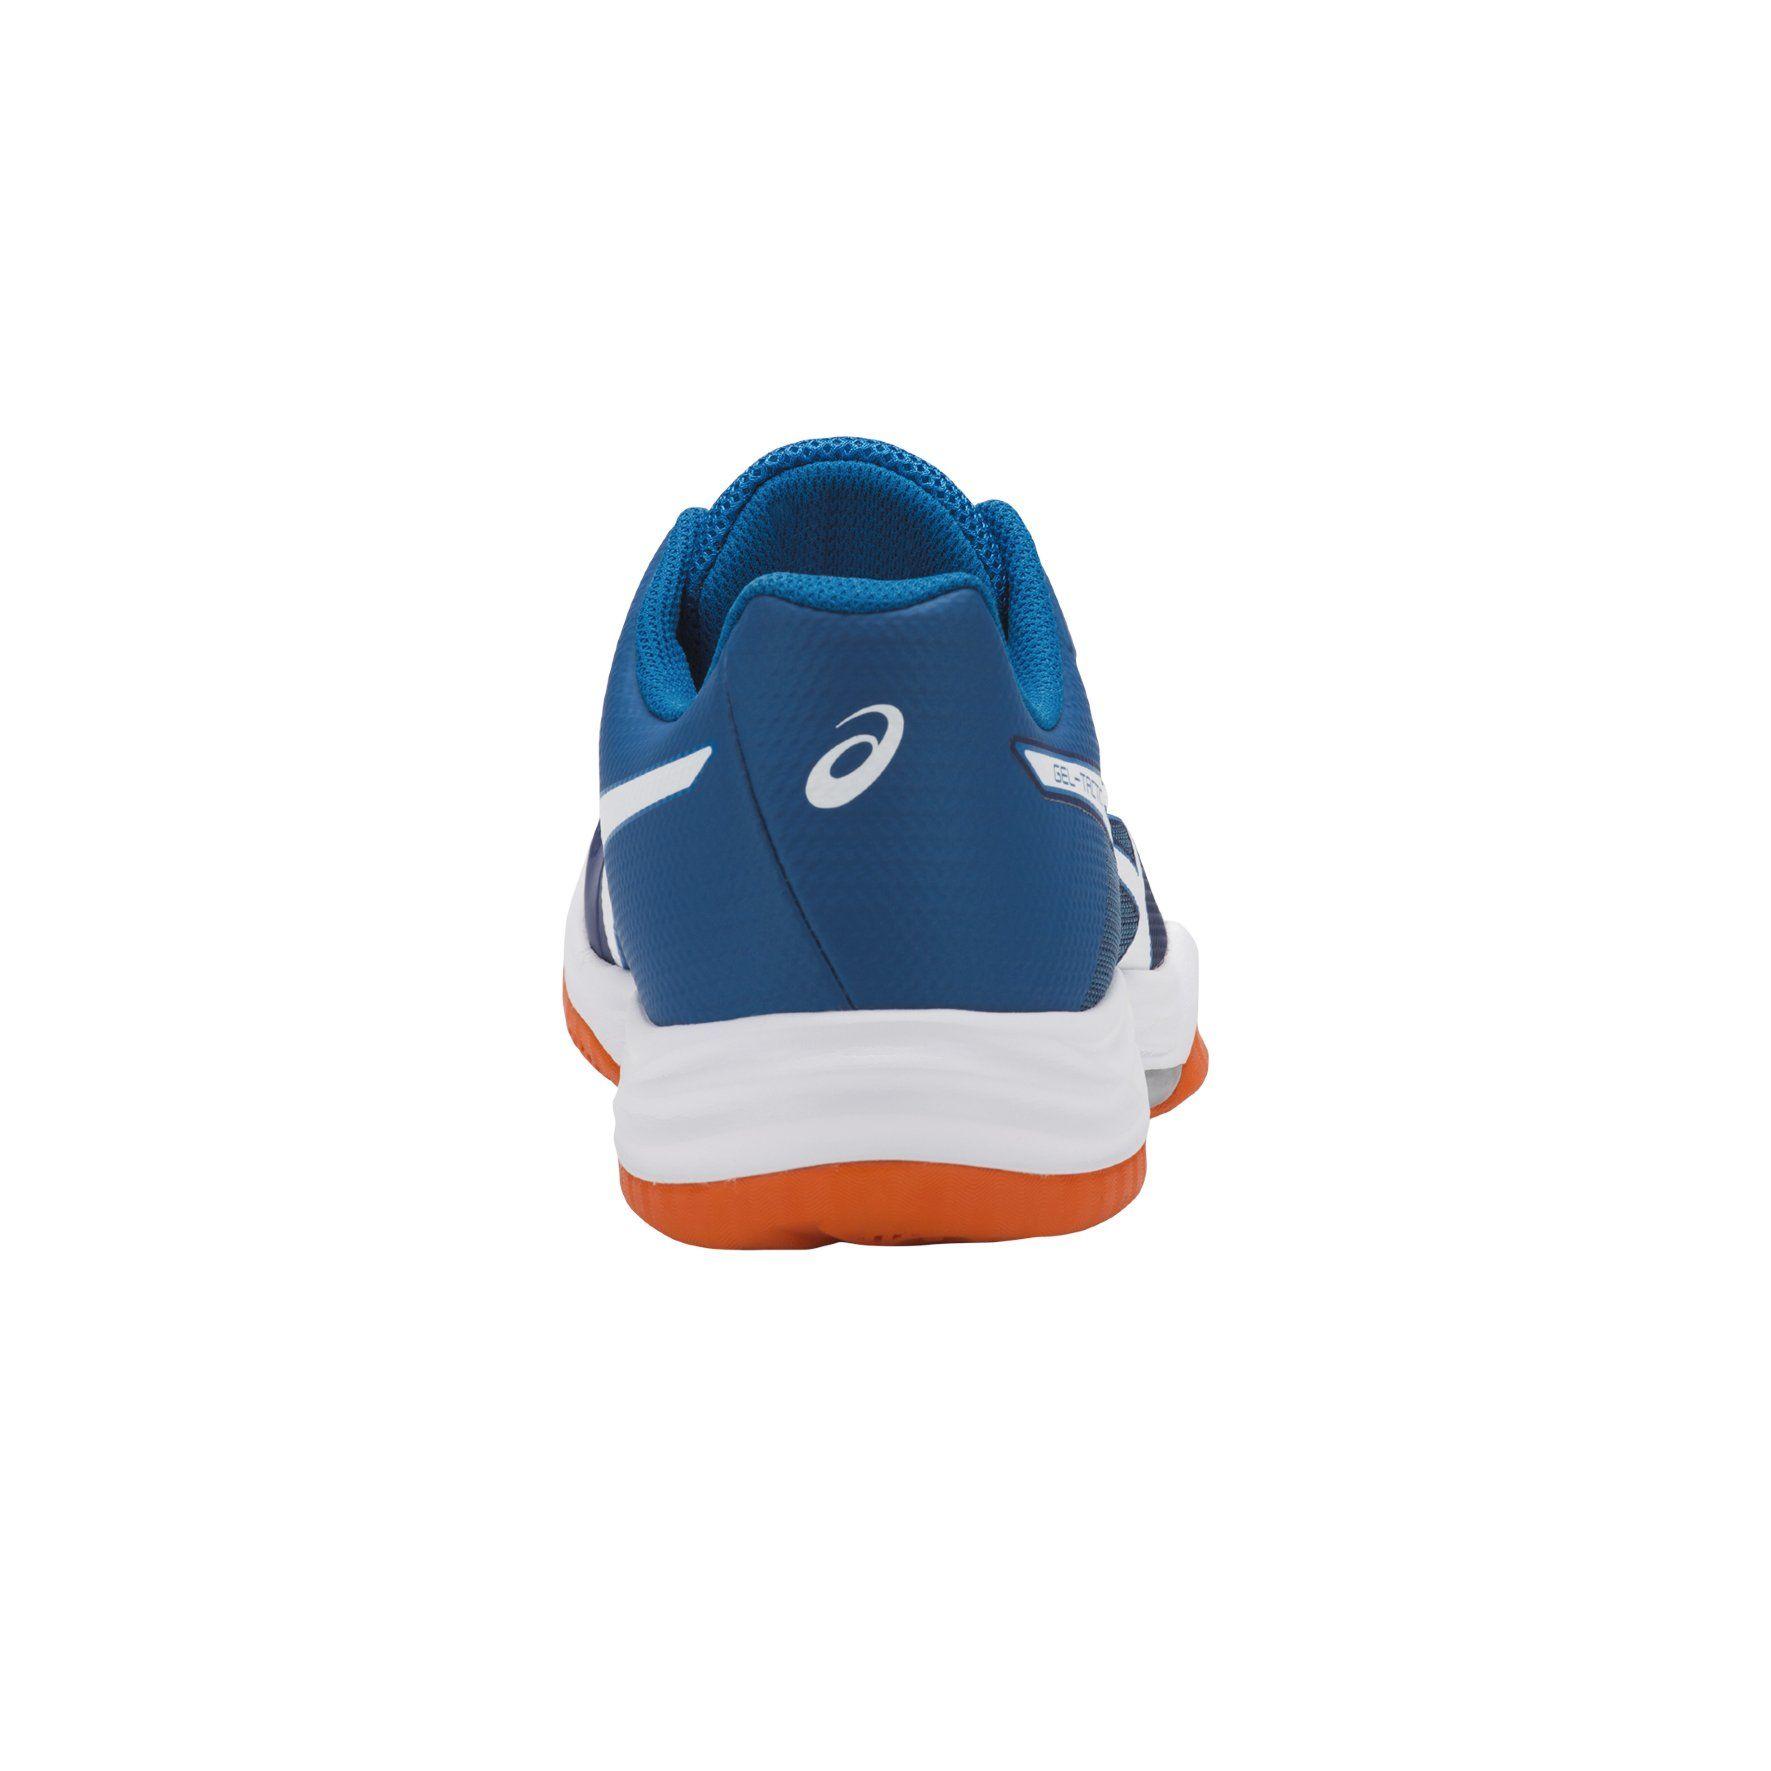 ASICS Gel-Tactic 2 Men's Indoor Court Shoes